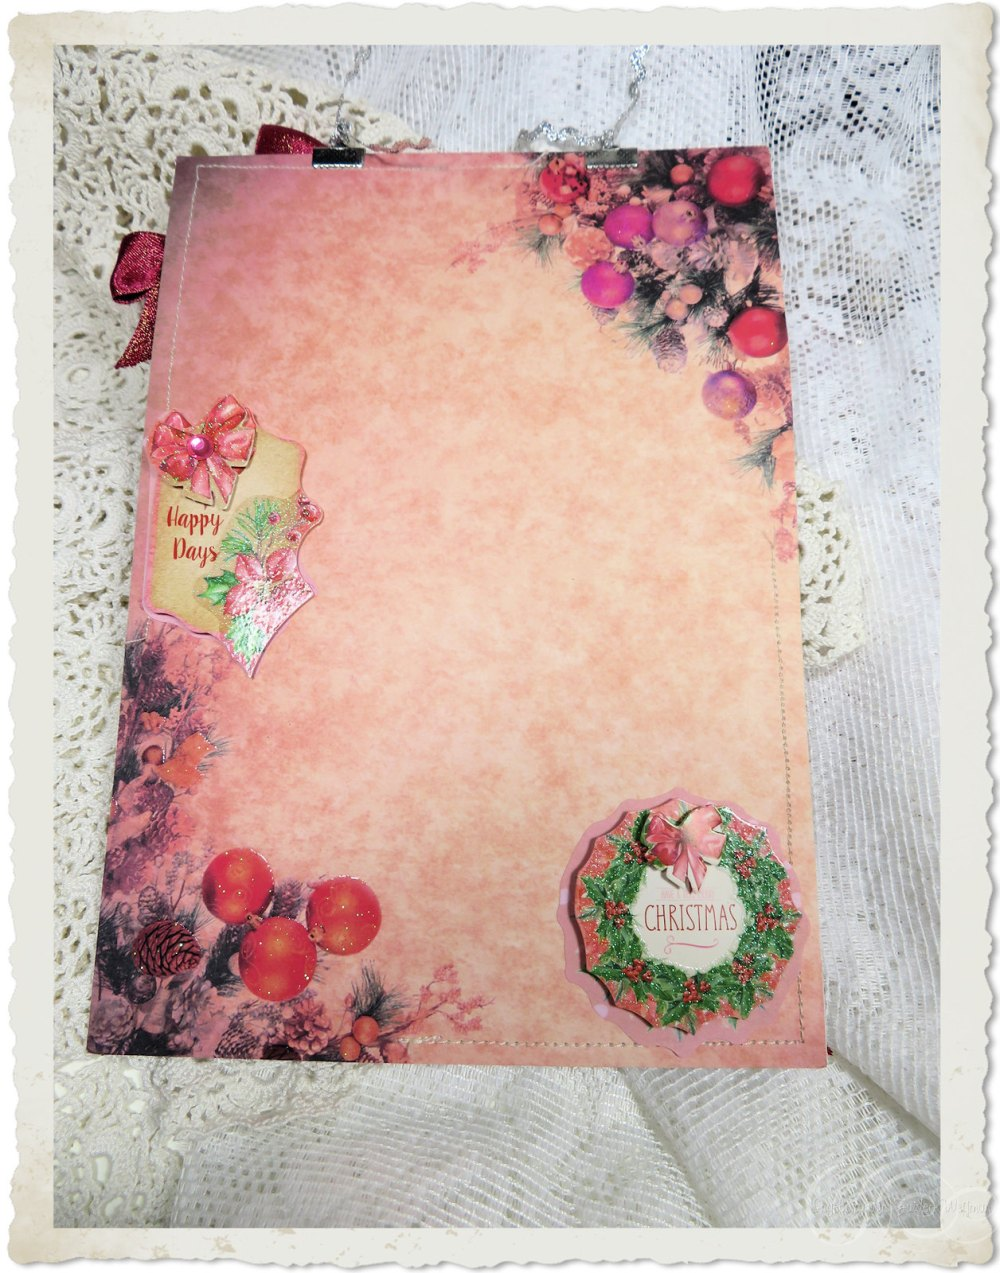 Backside of Christmas notecard hanger